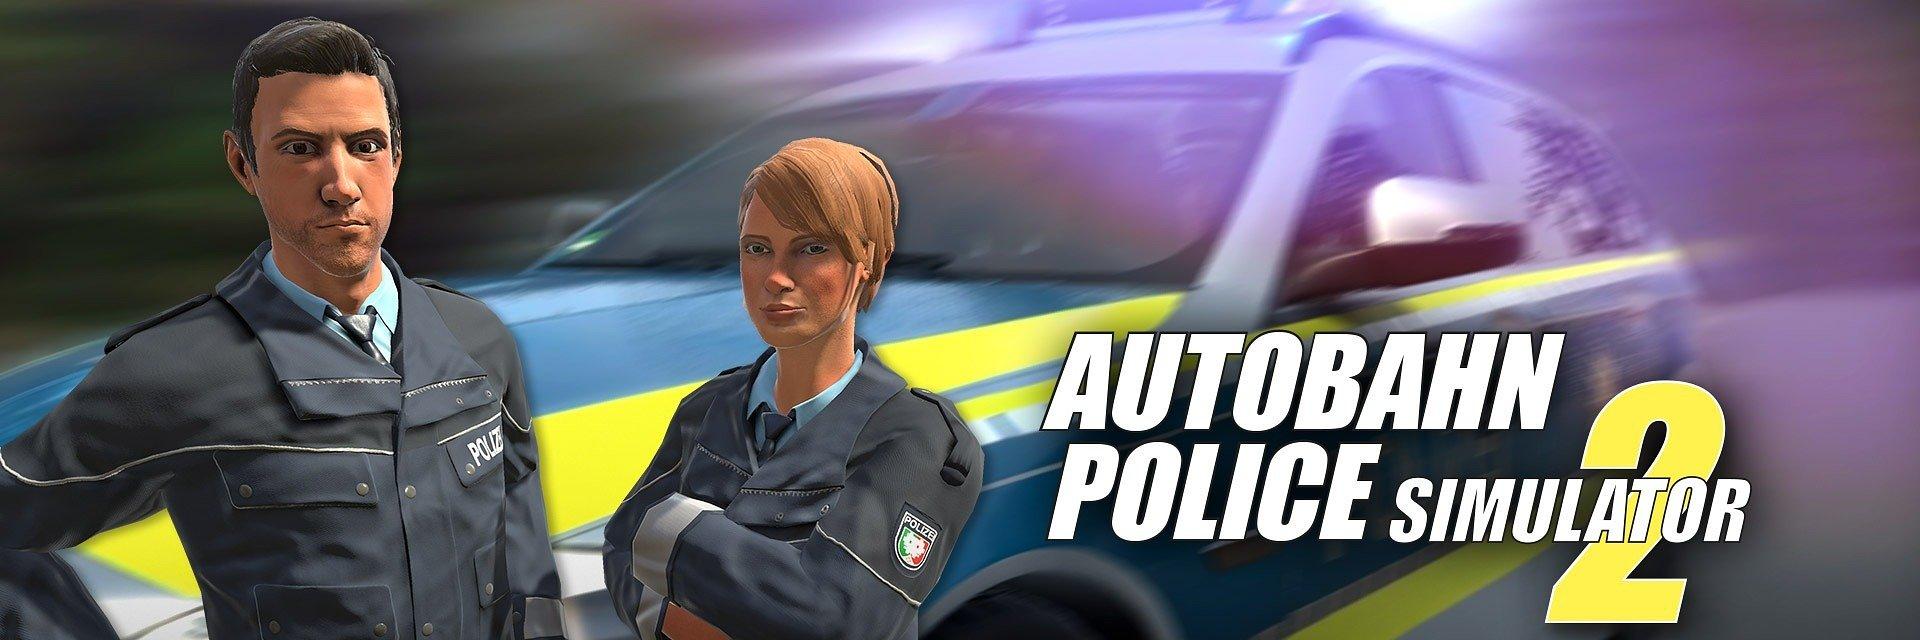 Autobahnpolizei Simulator 2 erscheint am 4. November für Xbox One